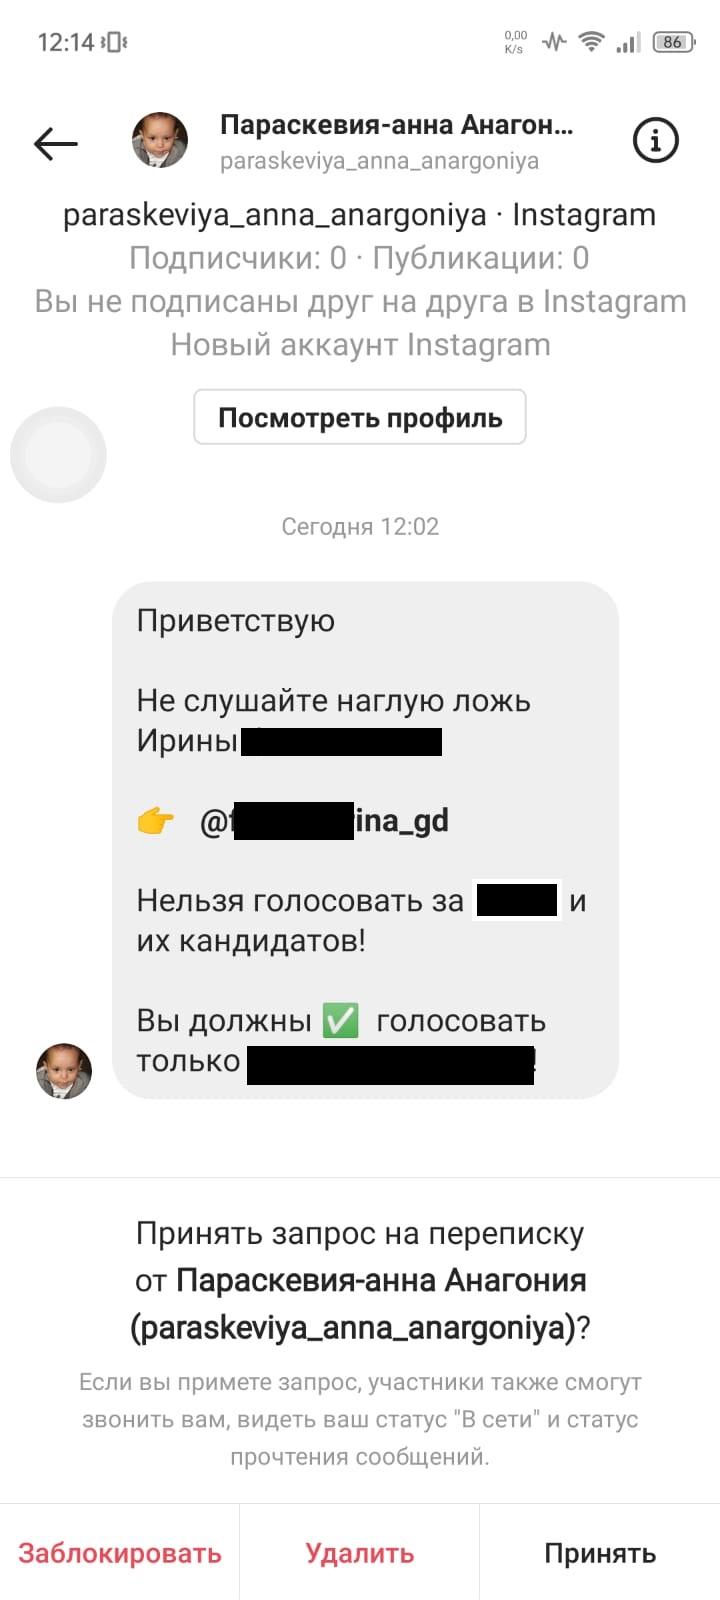 В сети Инстаграм продолжается агитация даже в дни выборов